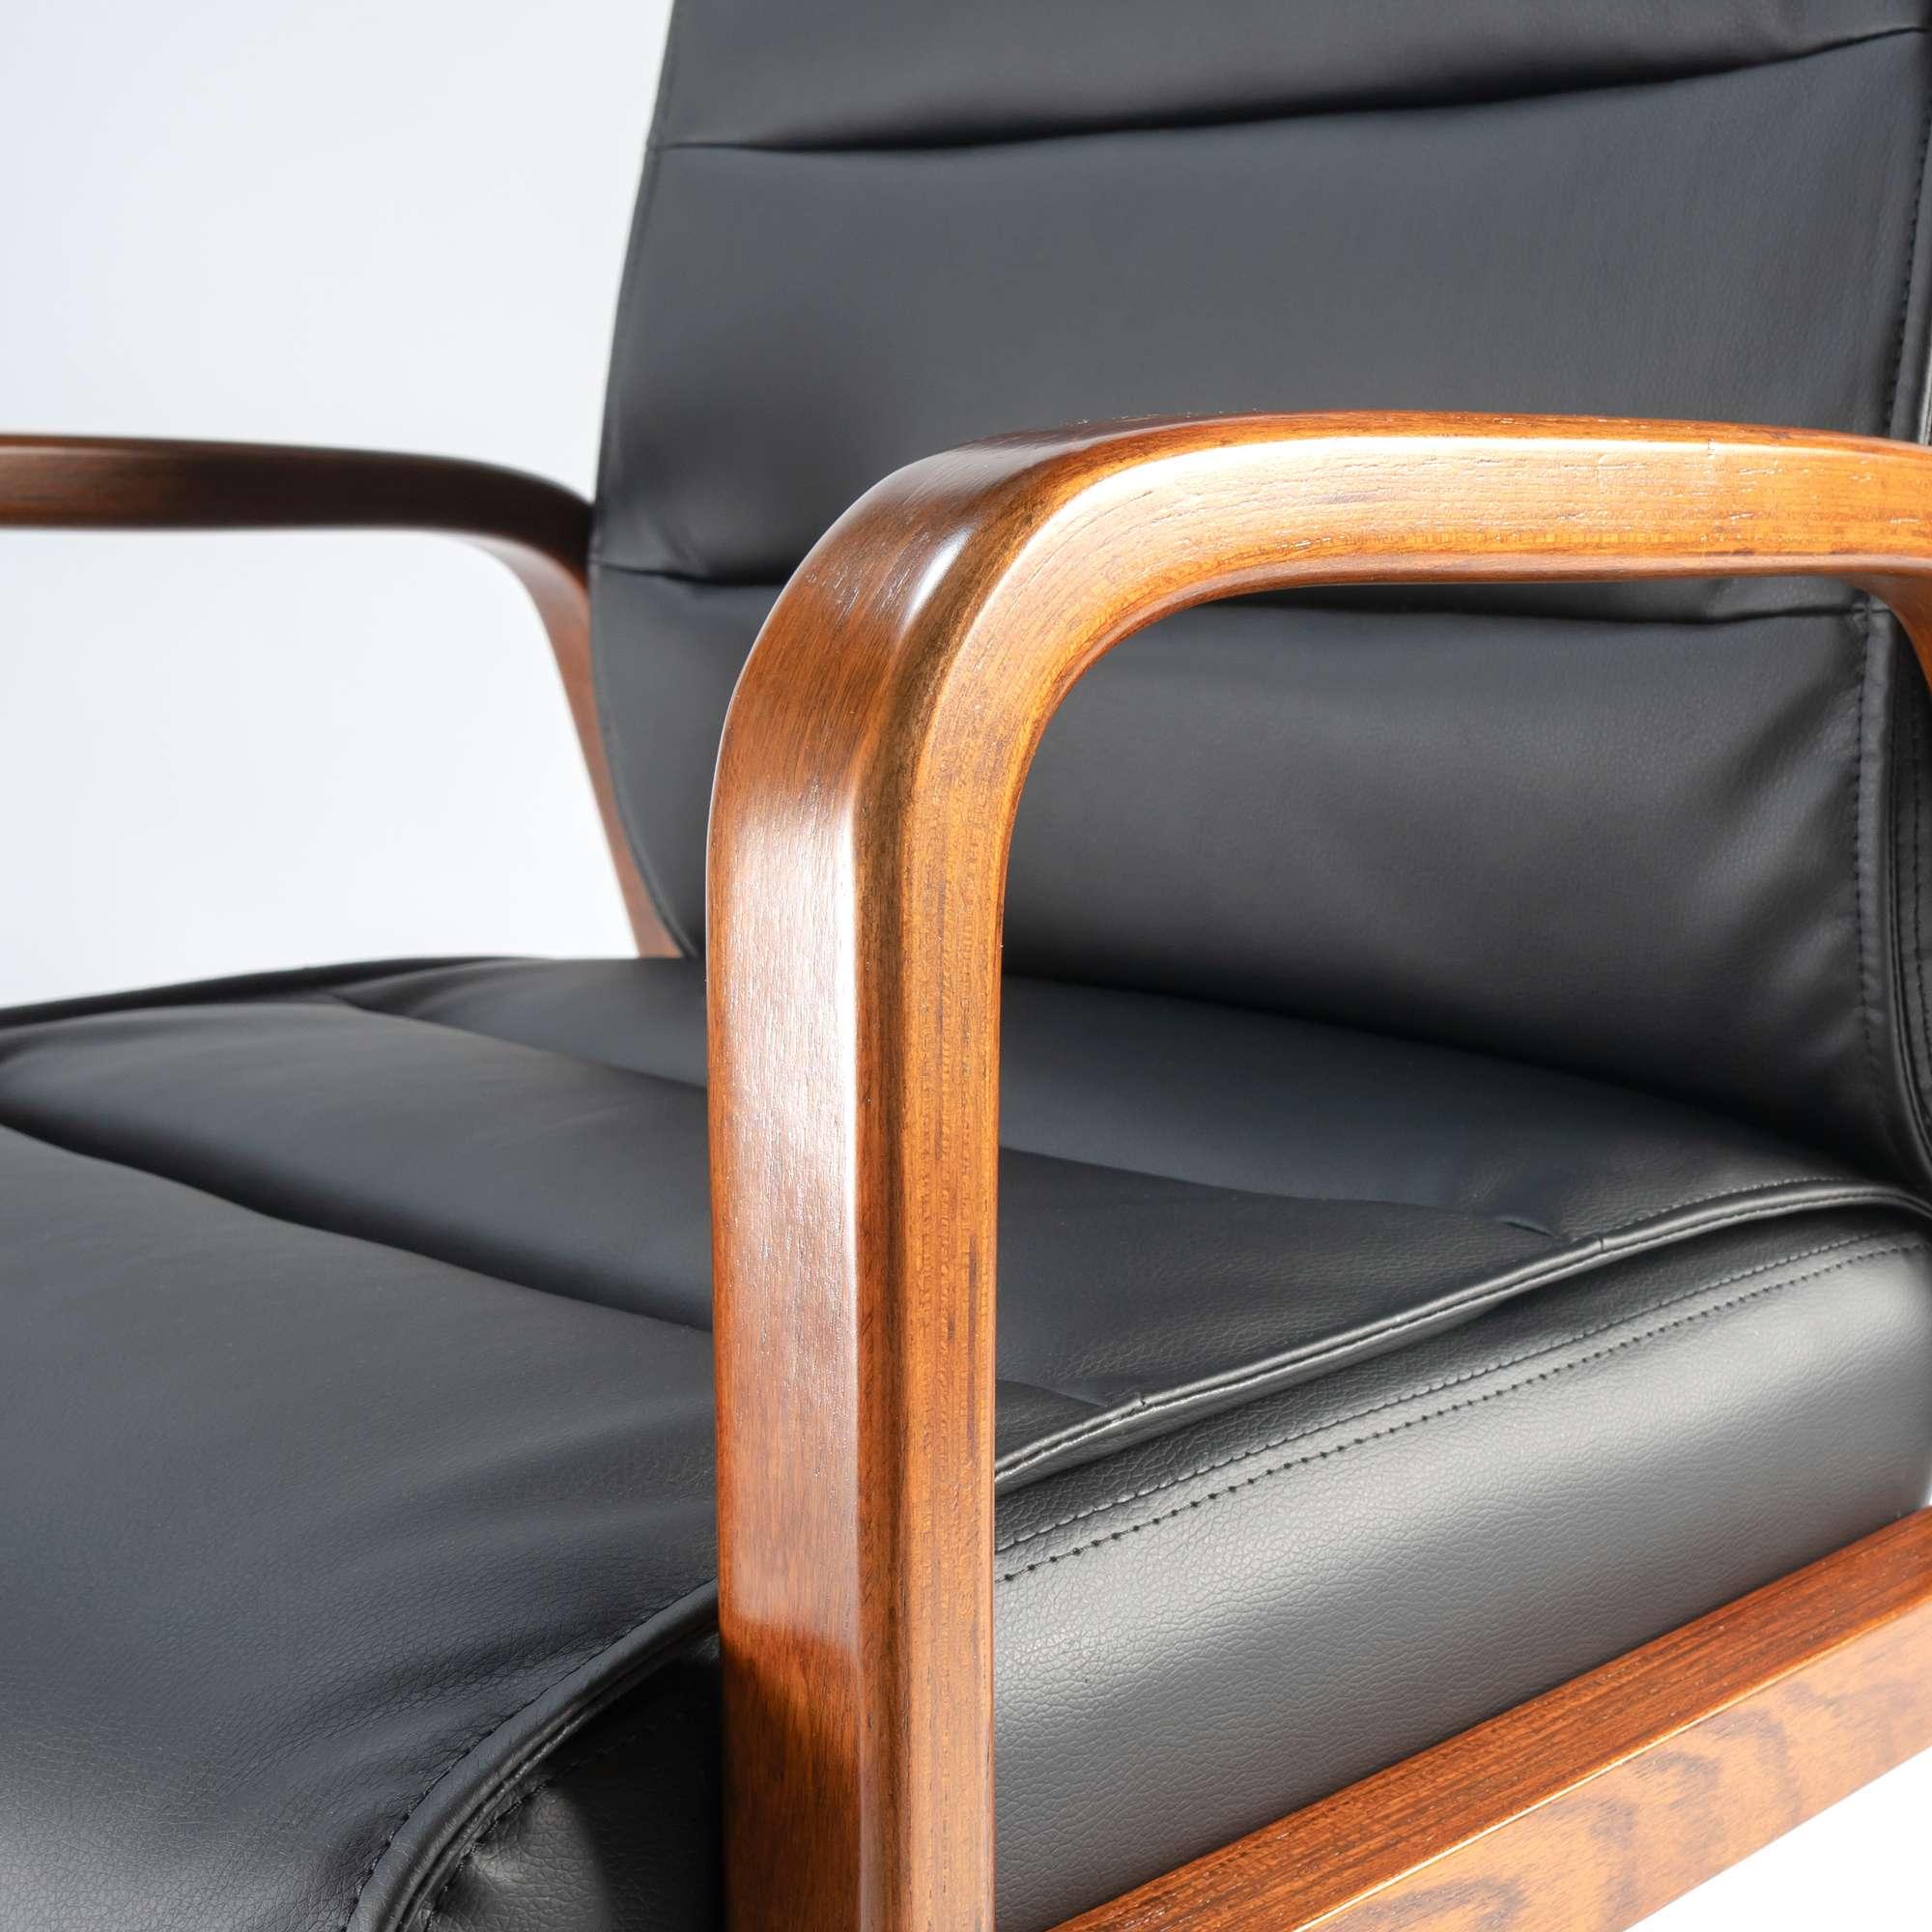 Bras de chaise en gros plan